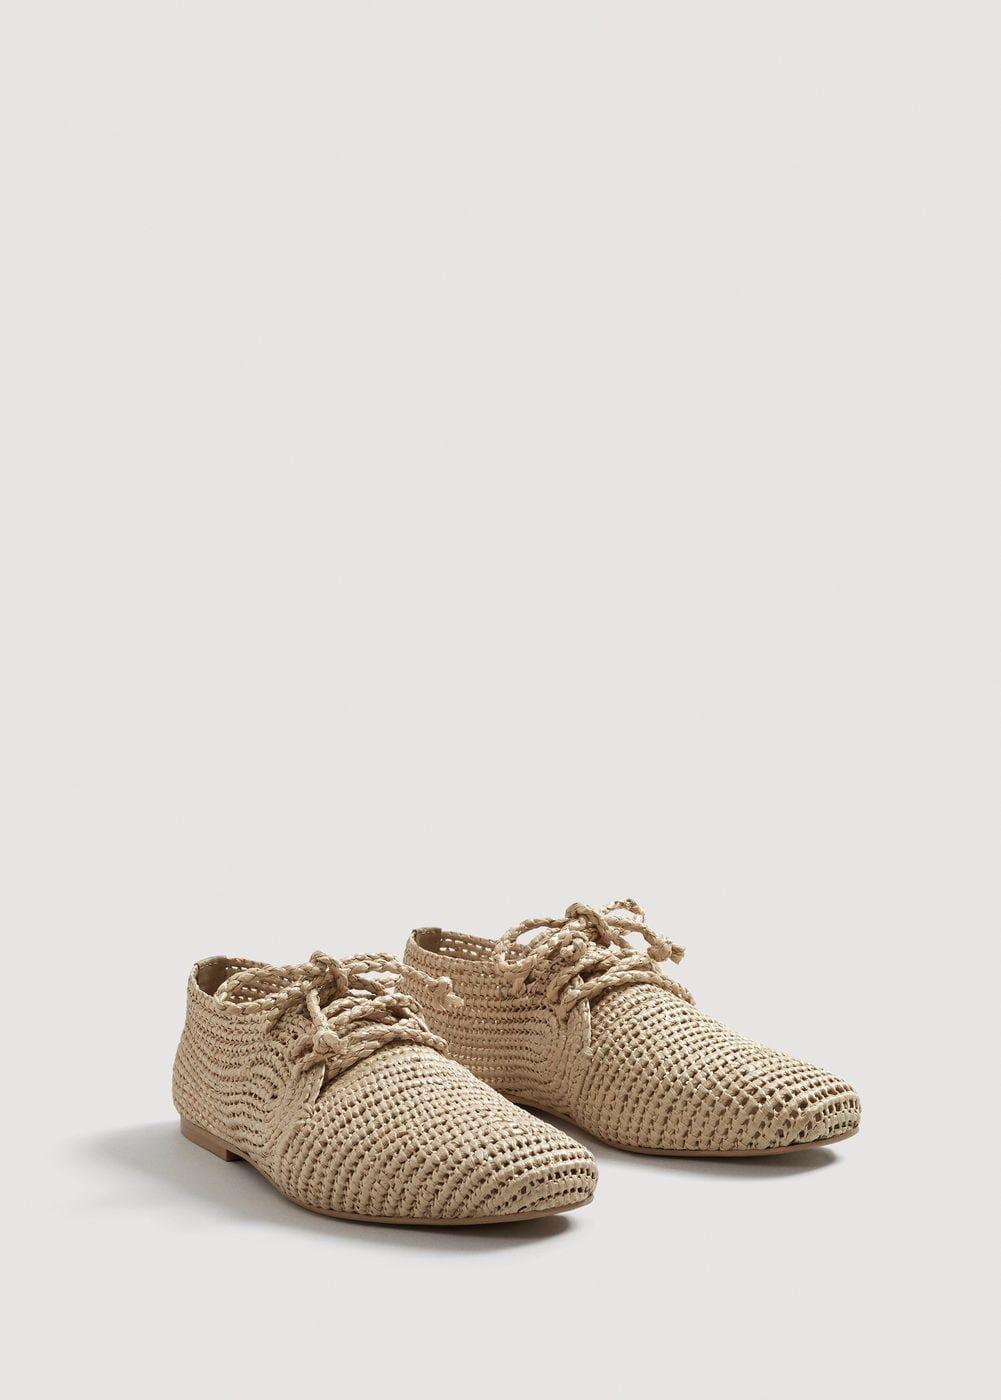 Zapato trenzado - Zapatos de Mujer | MANGO España